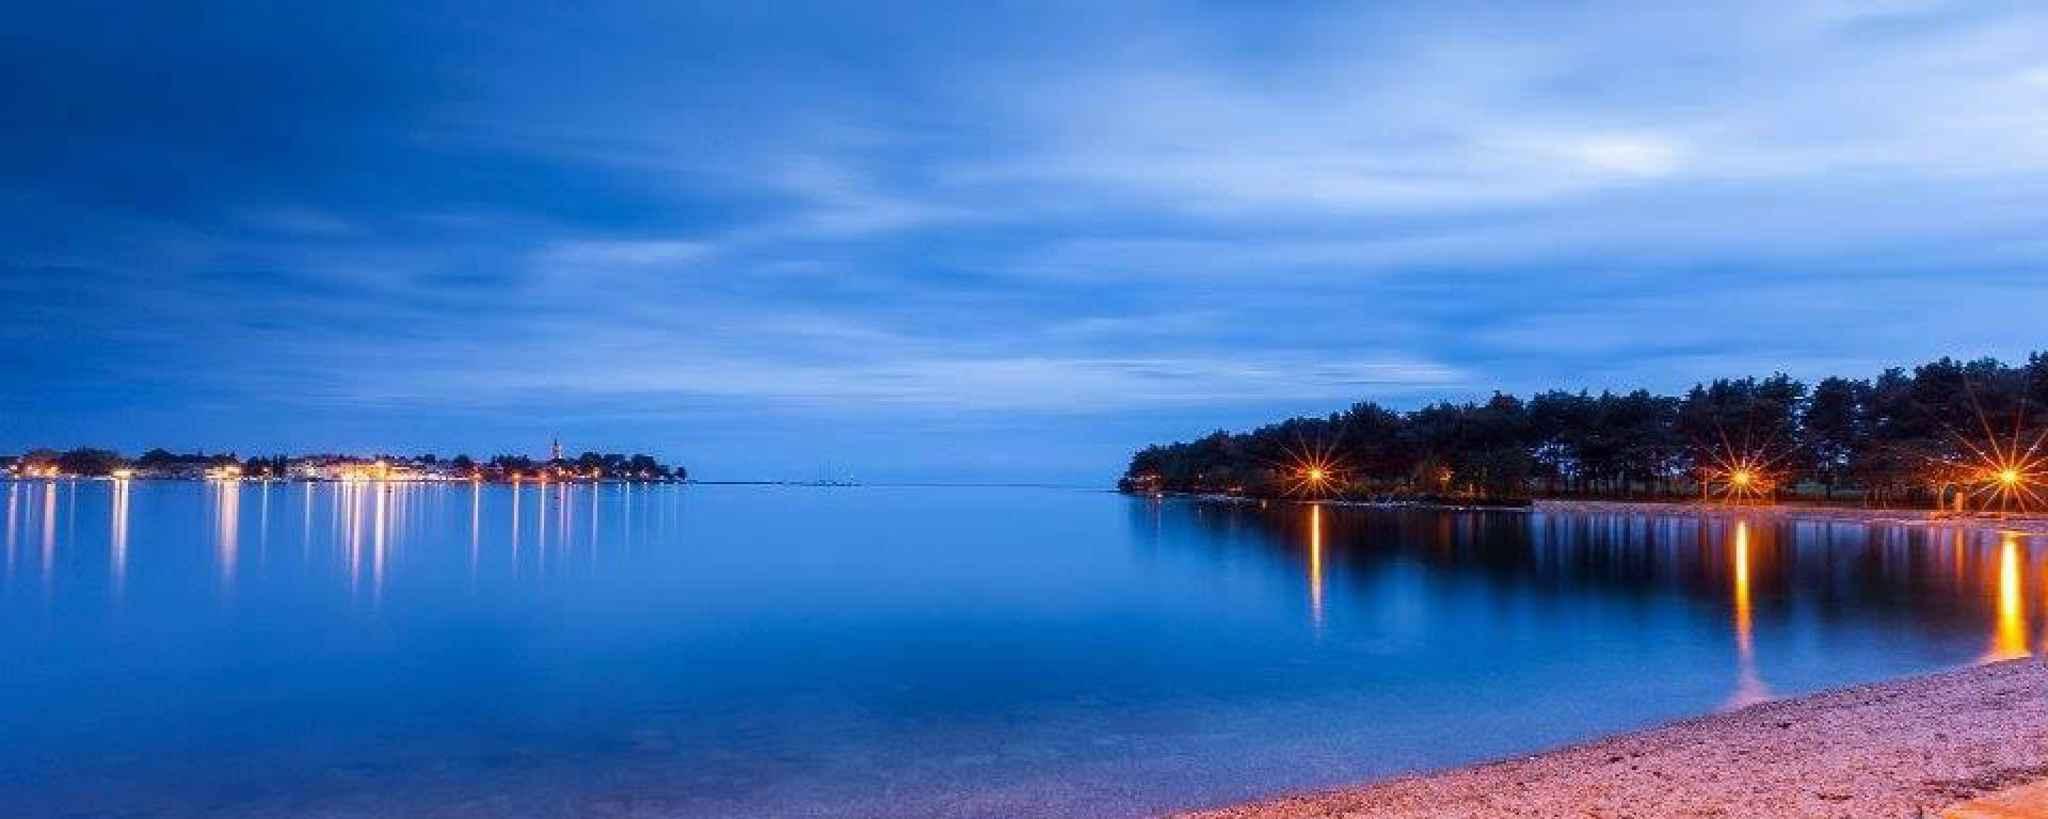 Ferienwohnung nur 50 m zur Adria (278904), Zadar, , Dalmatien, Kroatien, Bild 45